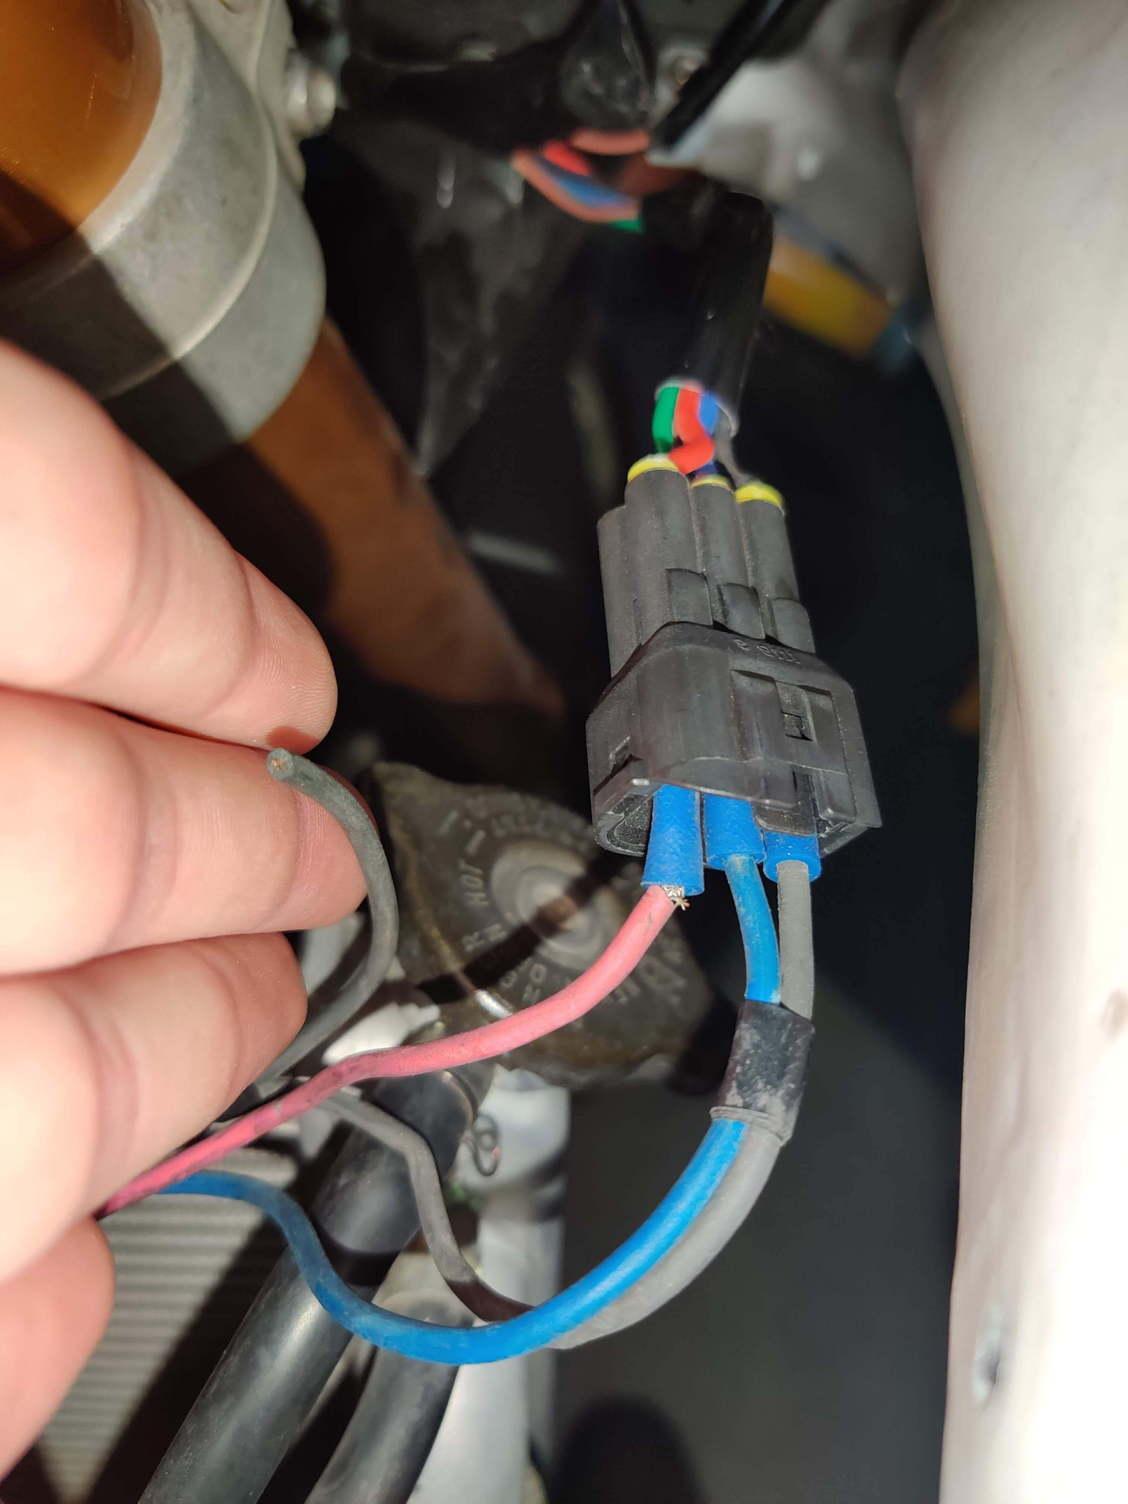 05 Zx6r Wiring